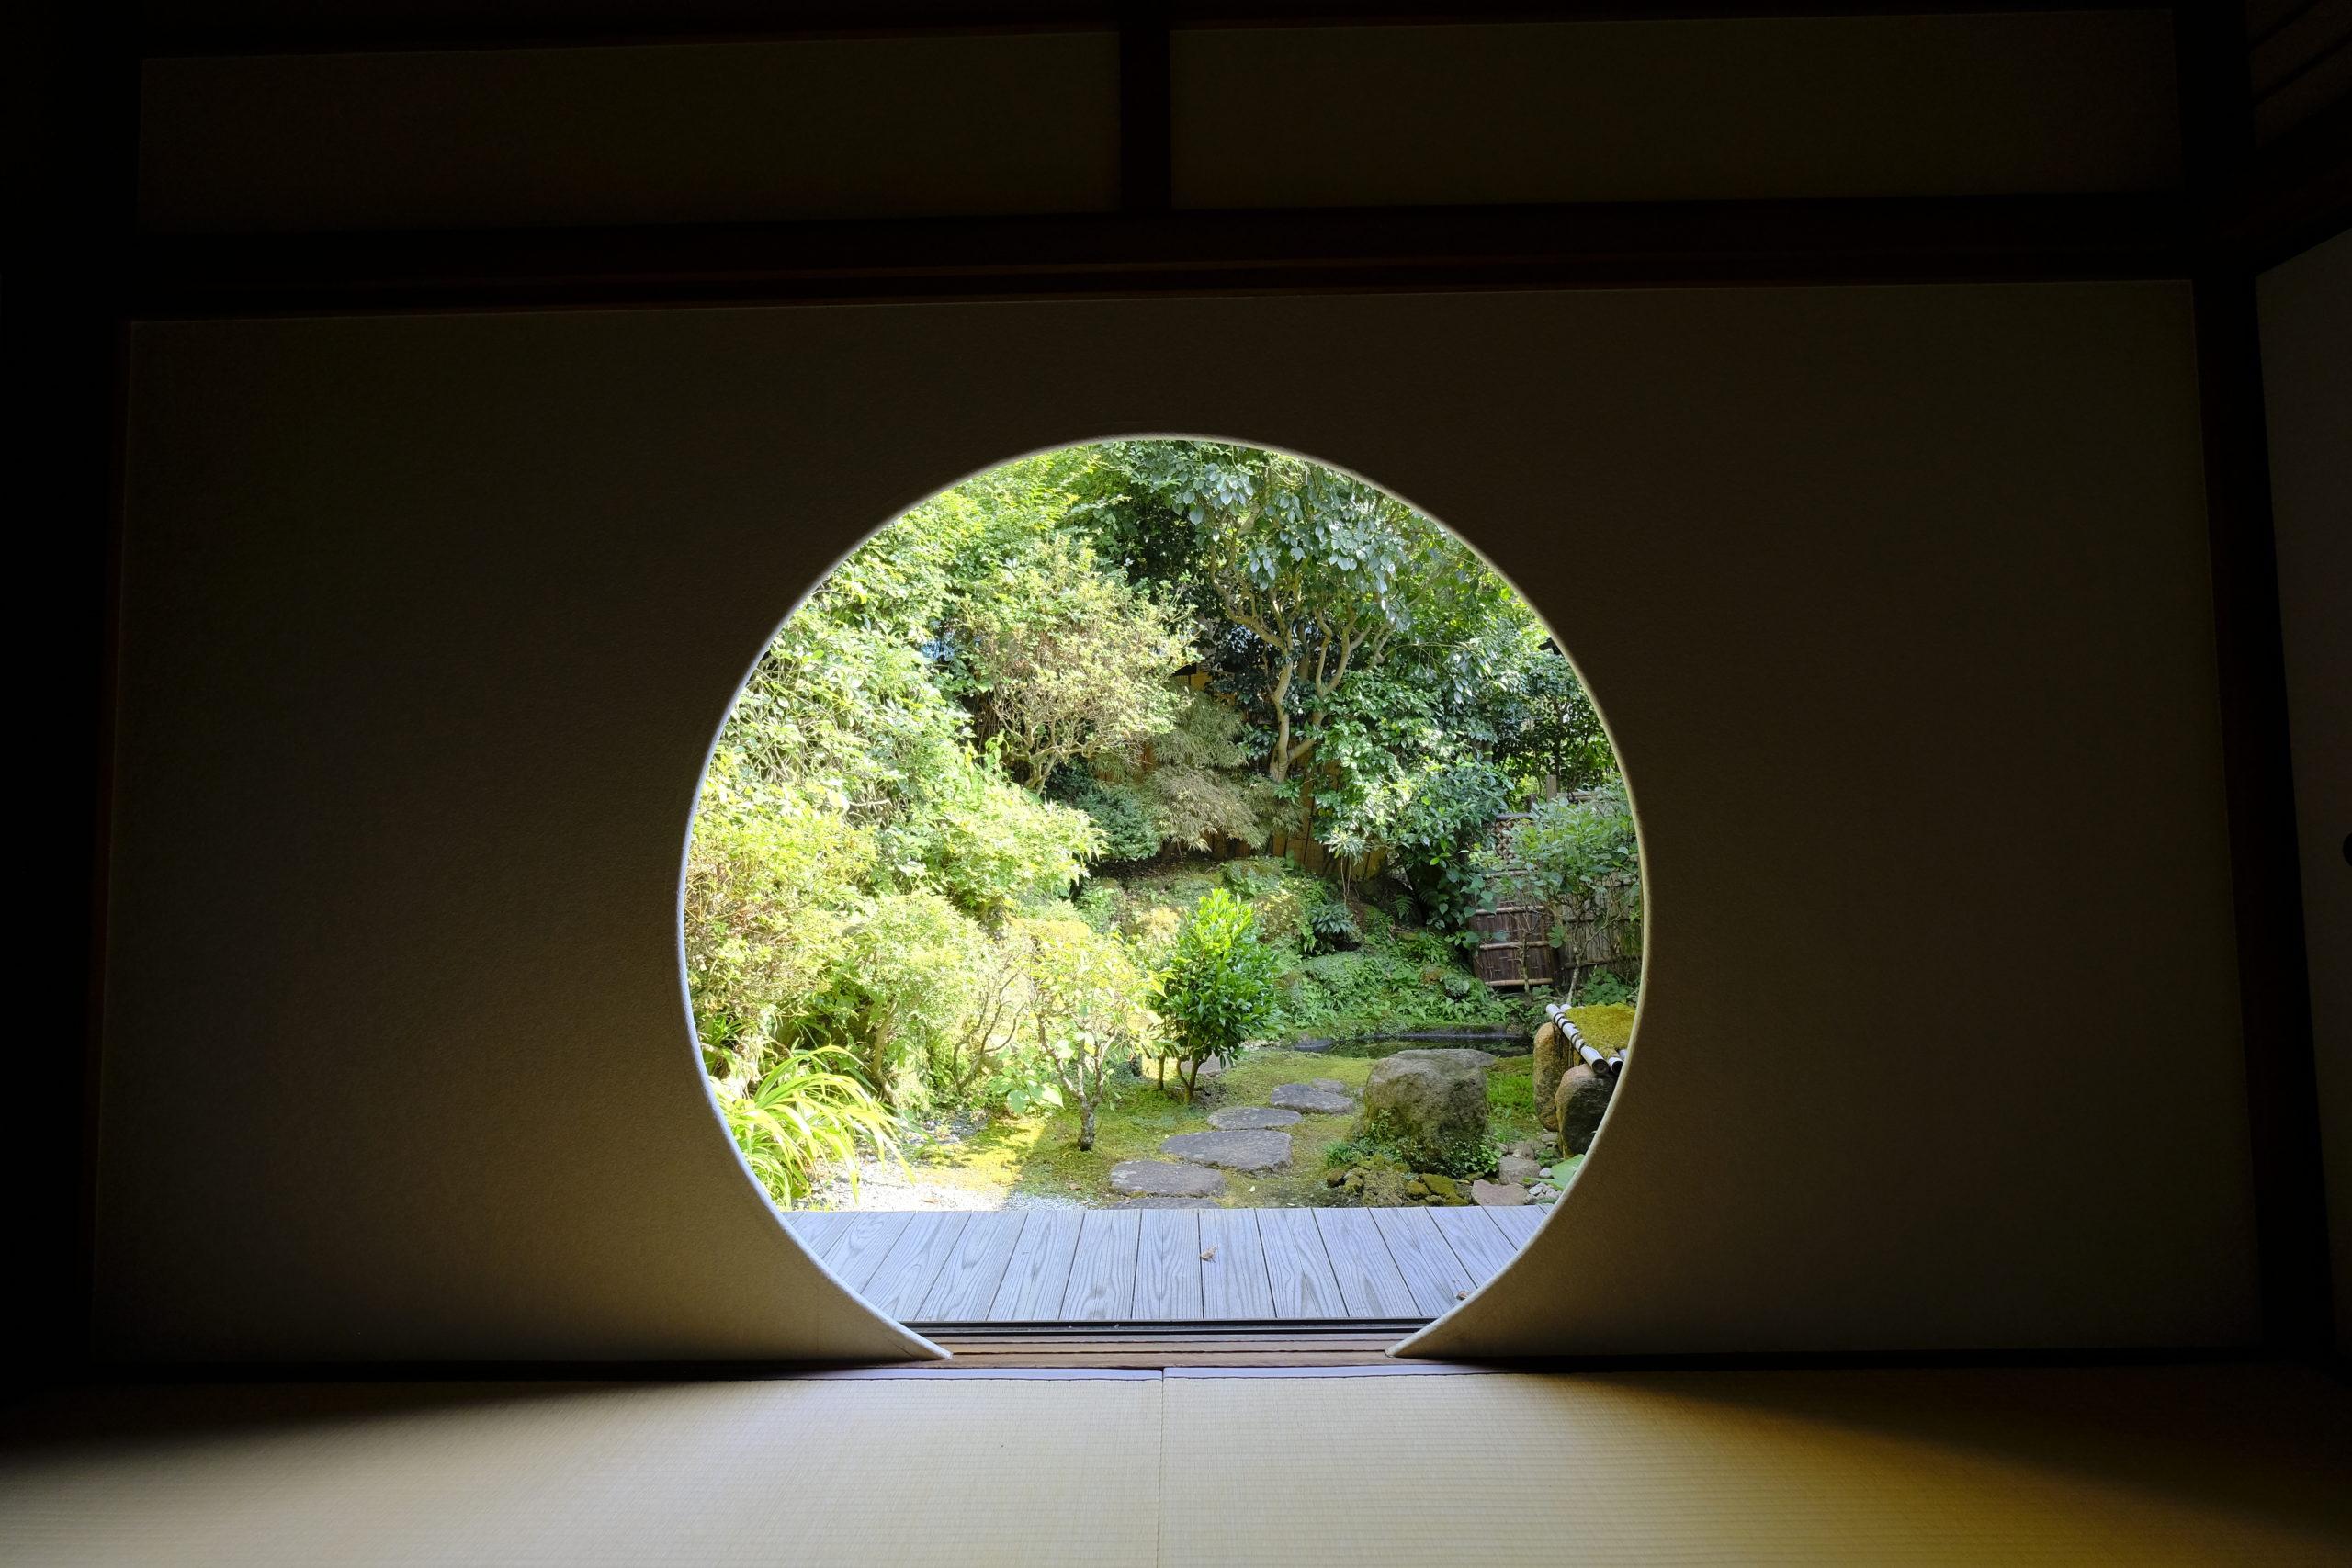 点心庵奥座敷の円窓